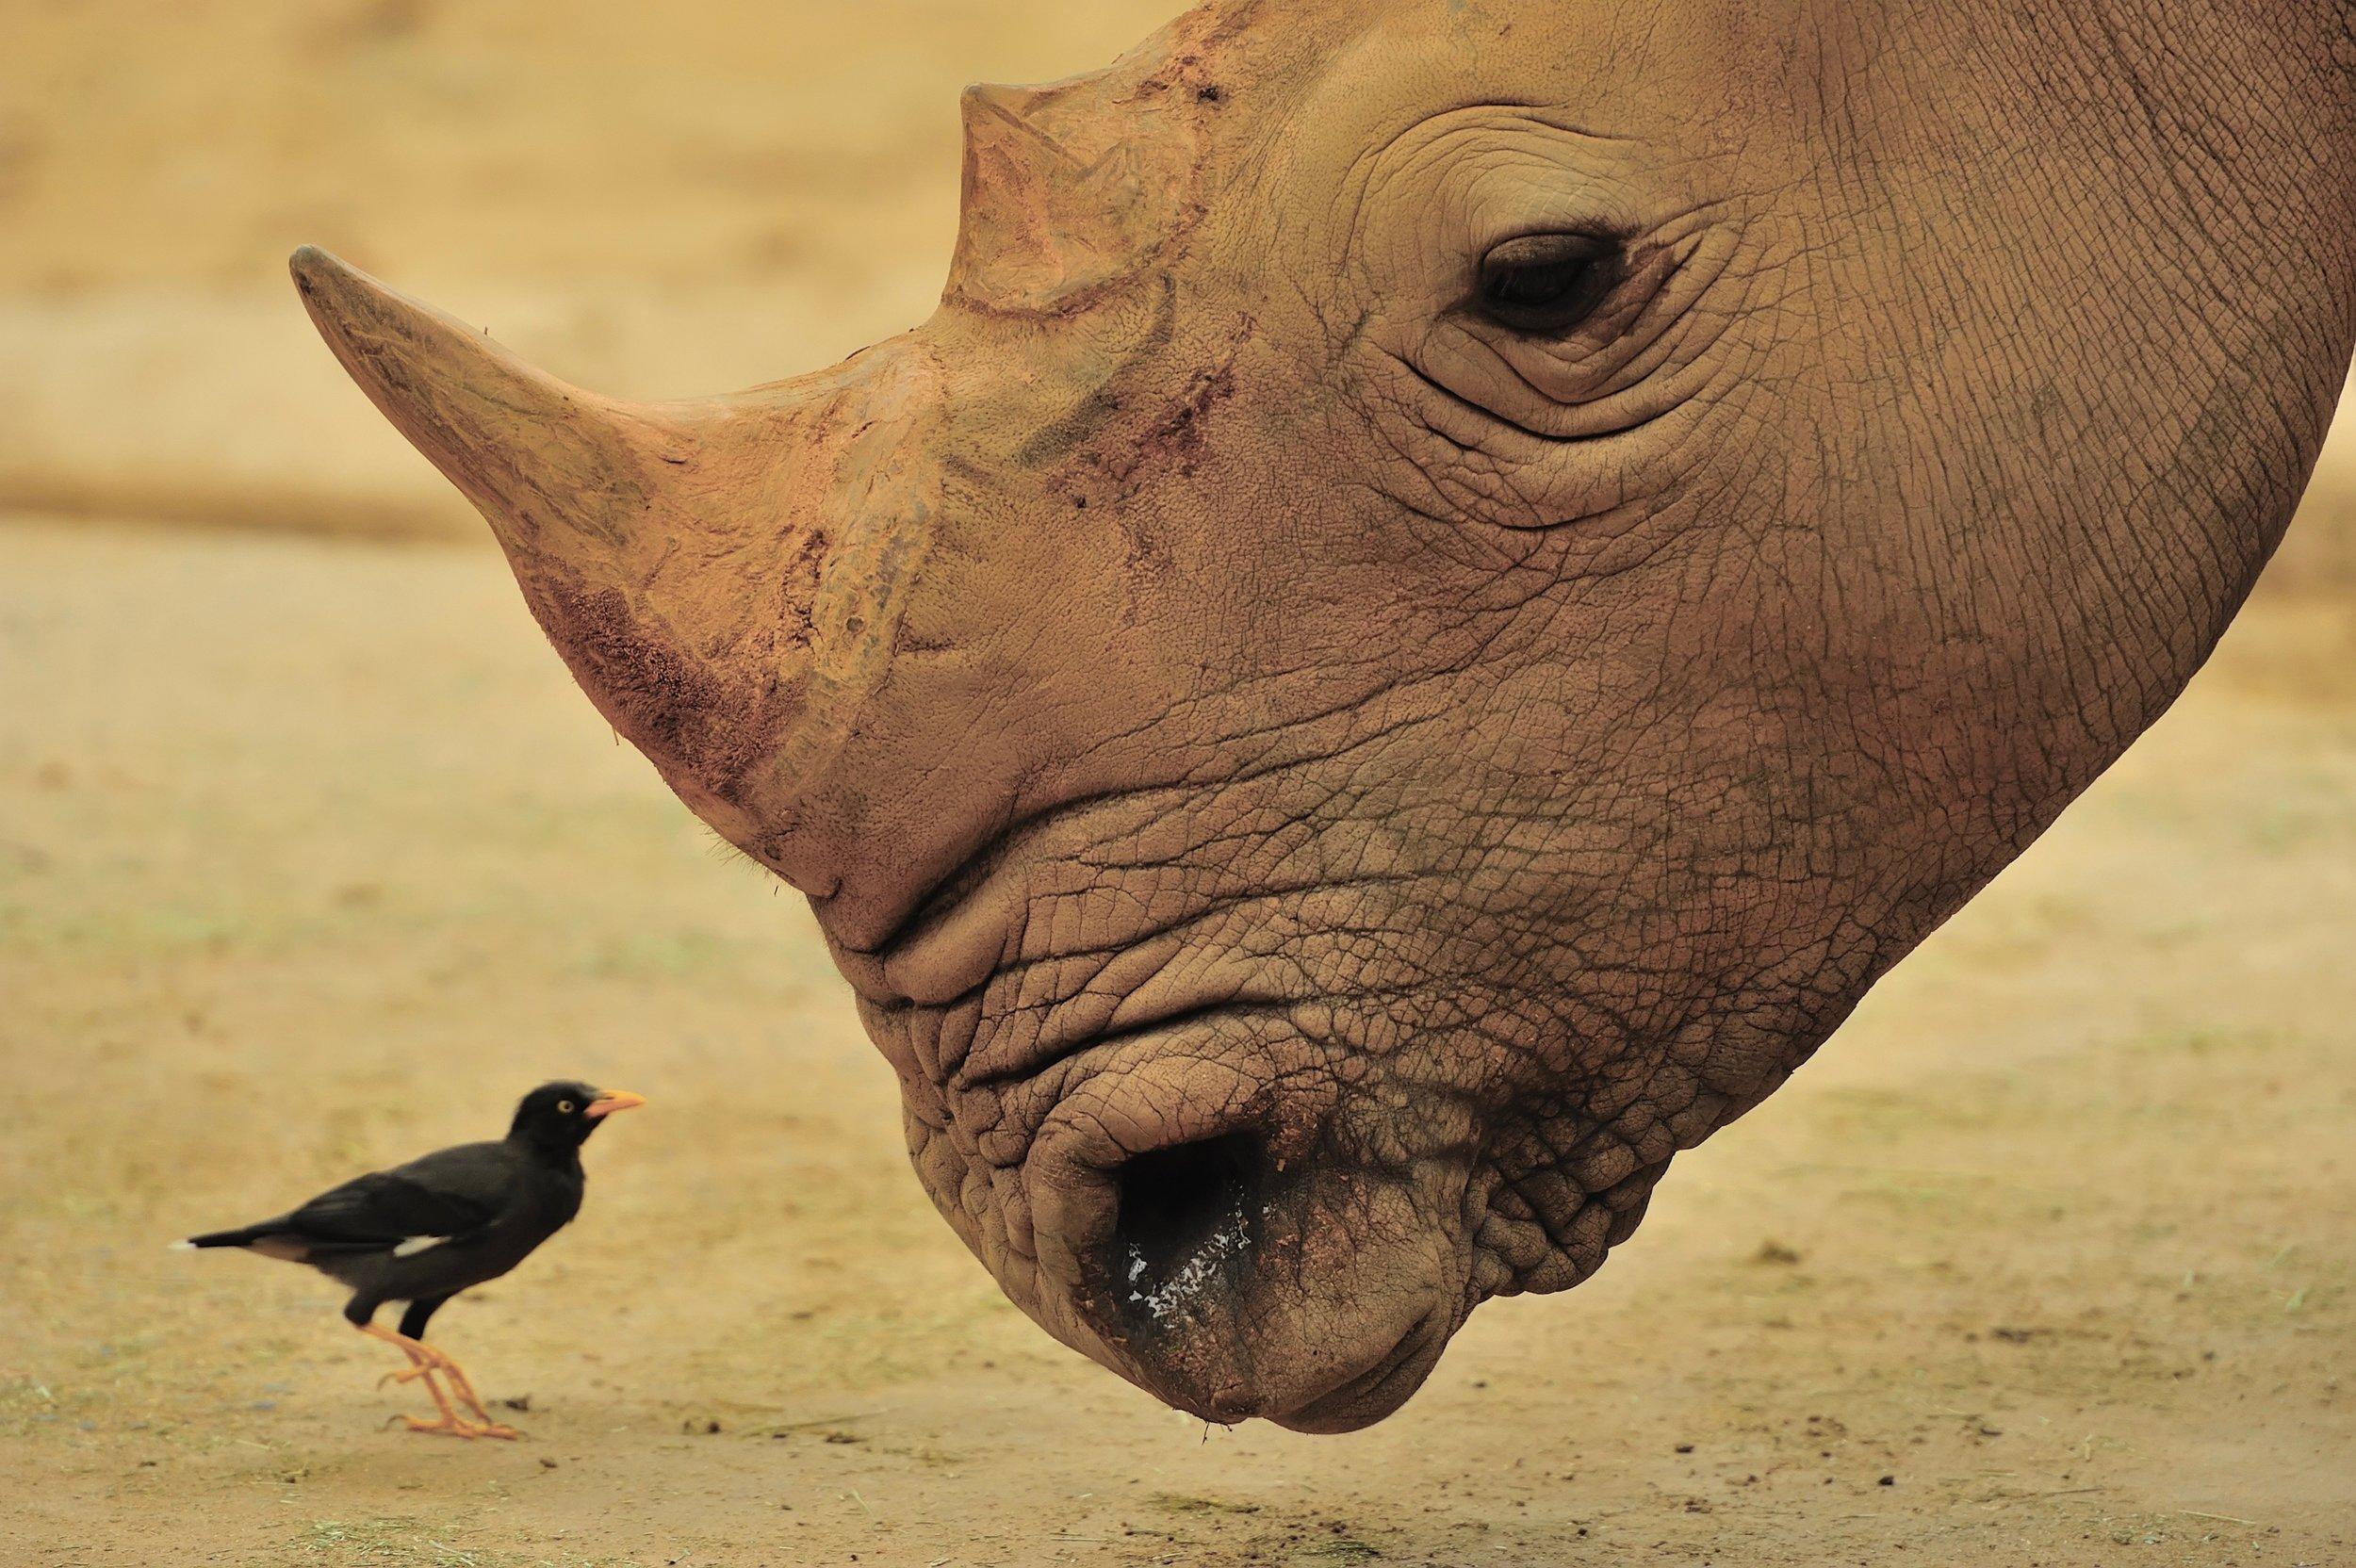 Husk of Rhino, Kessinger.jpg